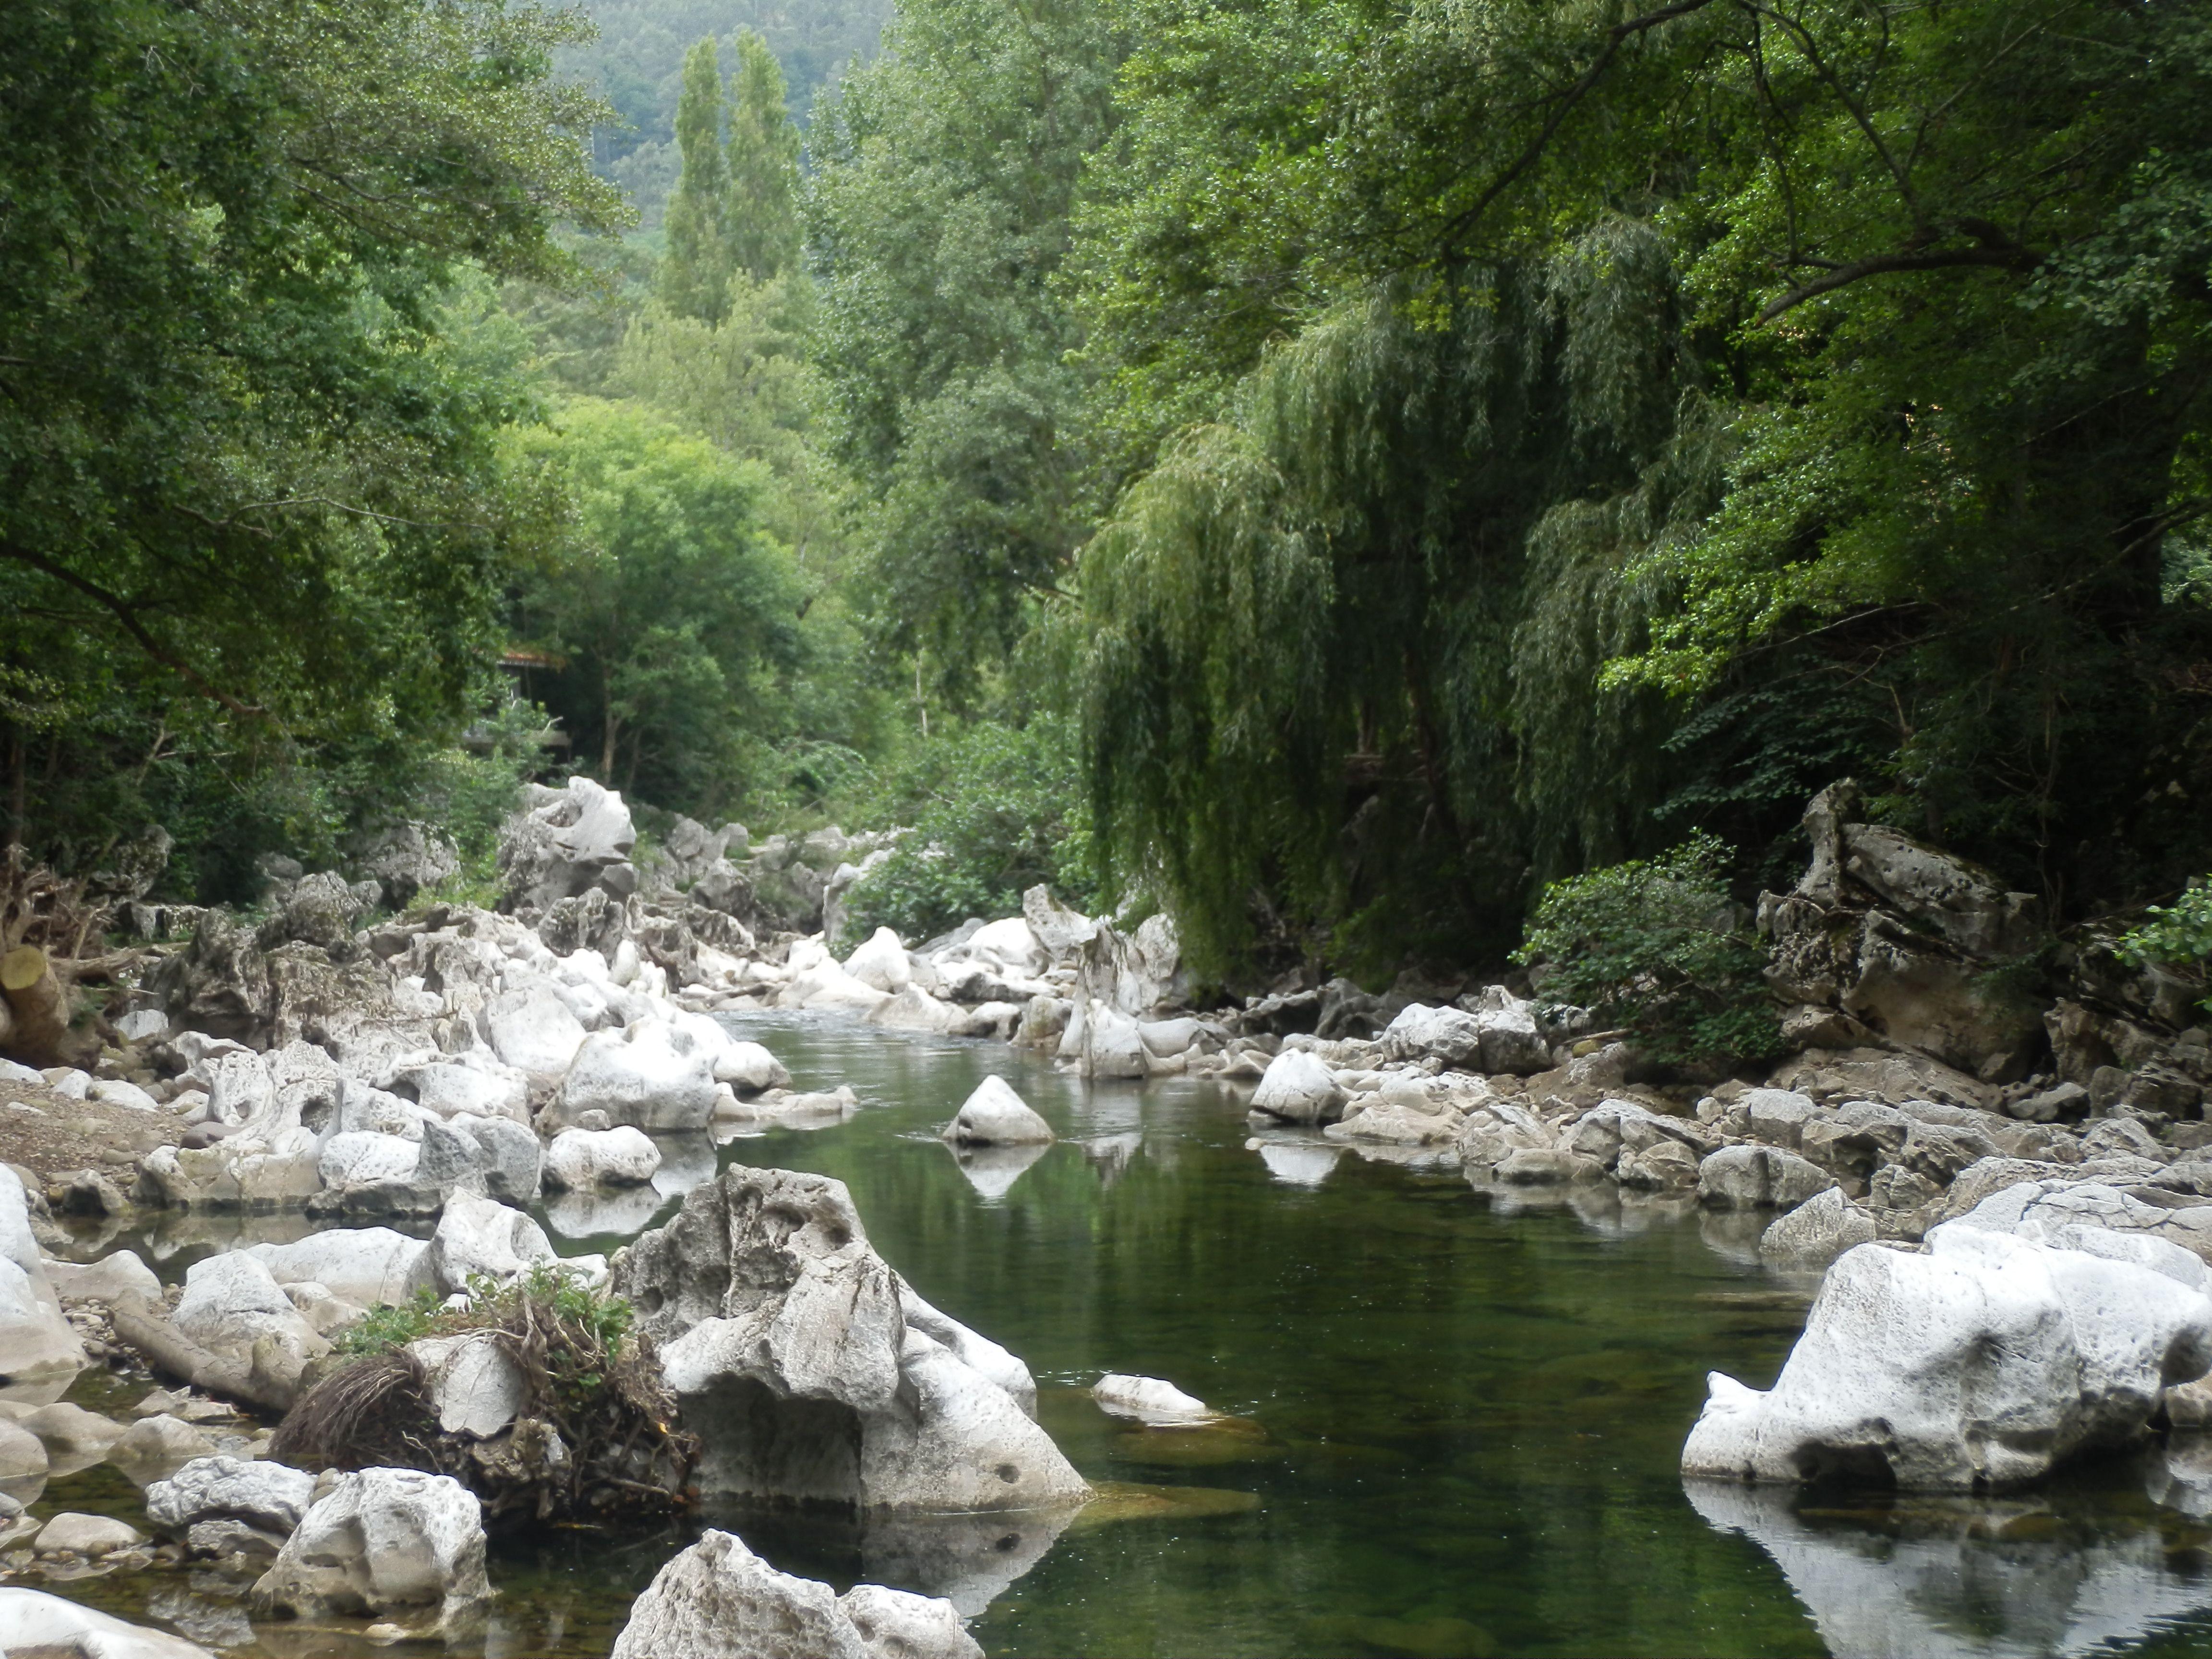 El contraste del bosque con la piedra tan blanca da una sensación fantasmagórica